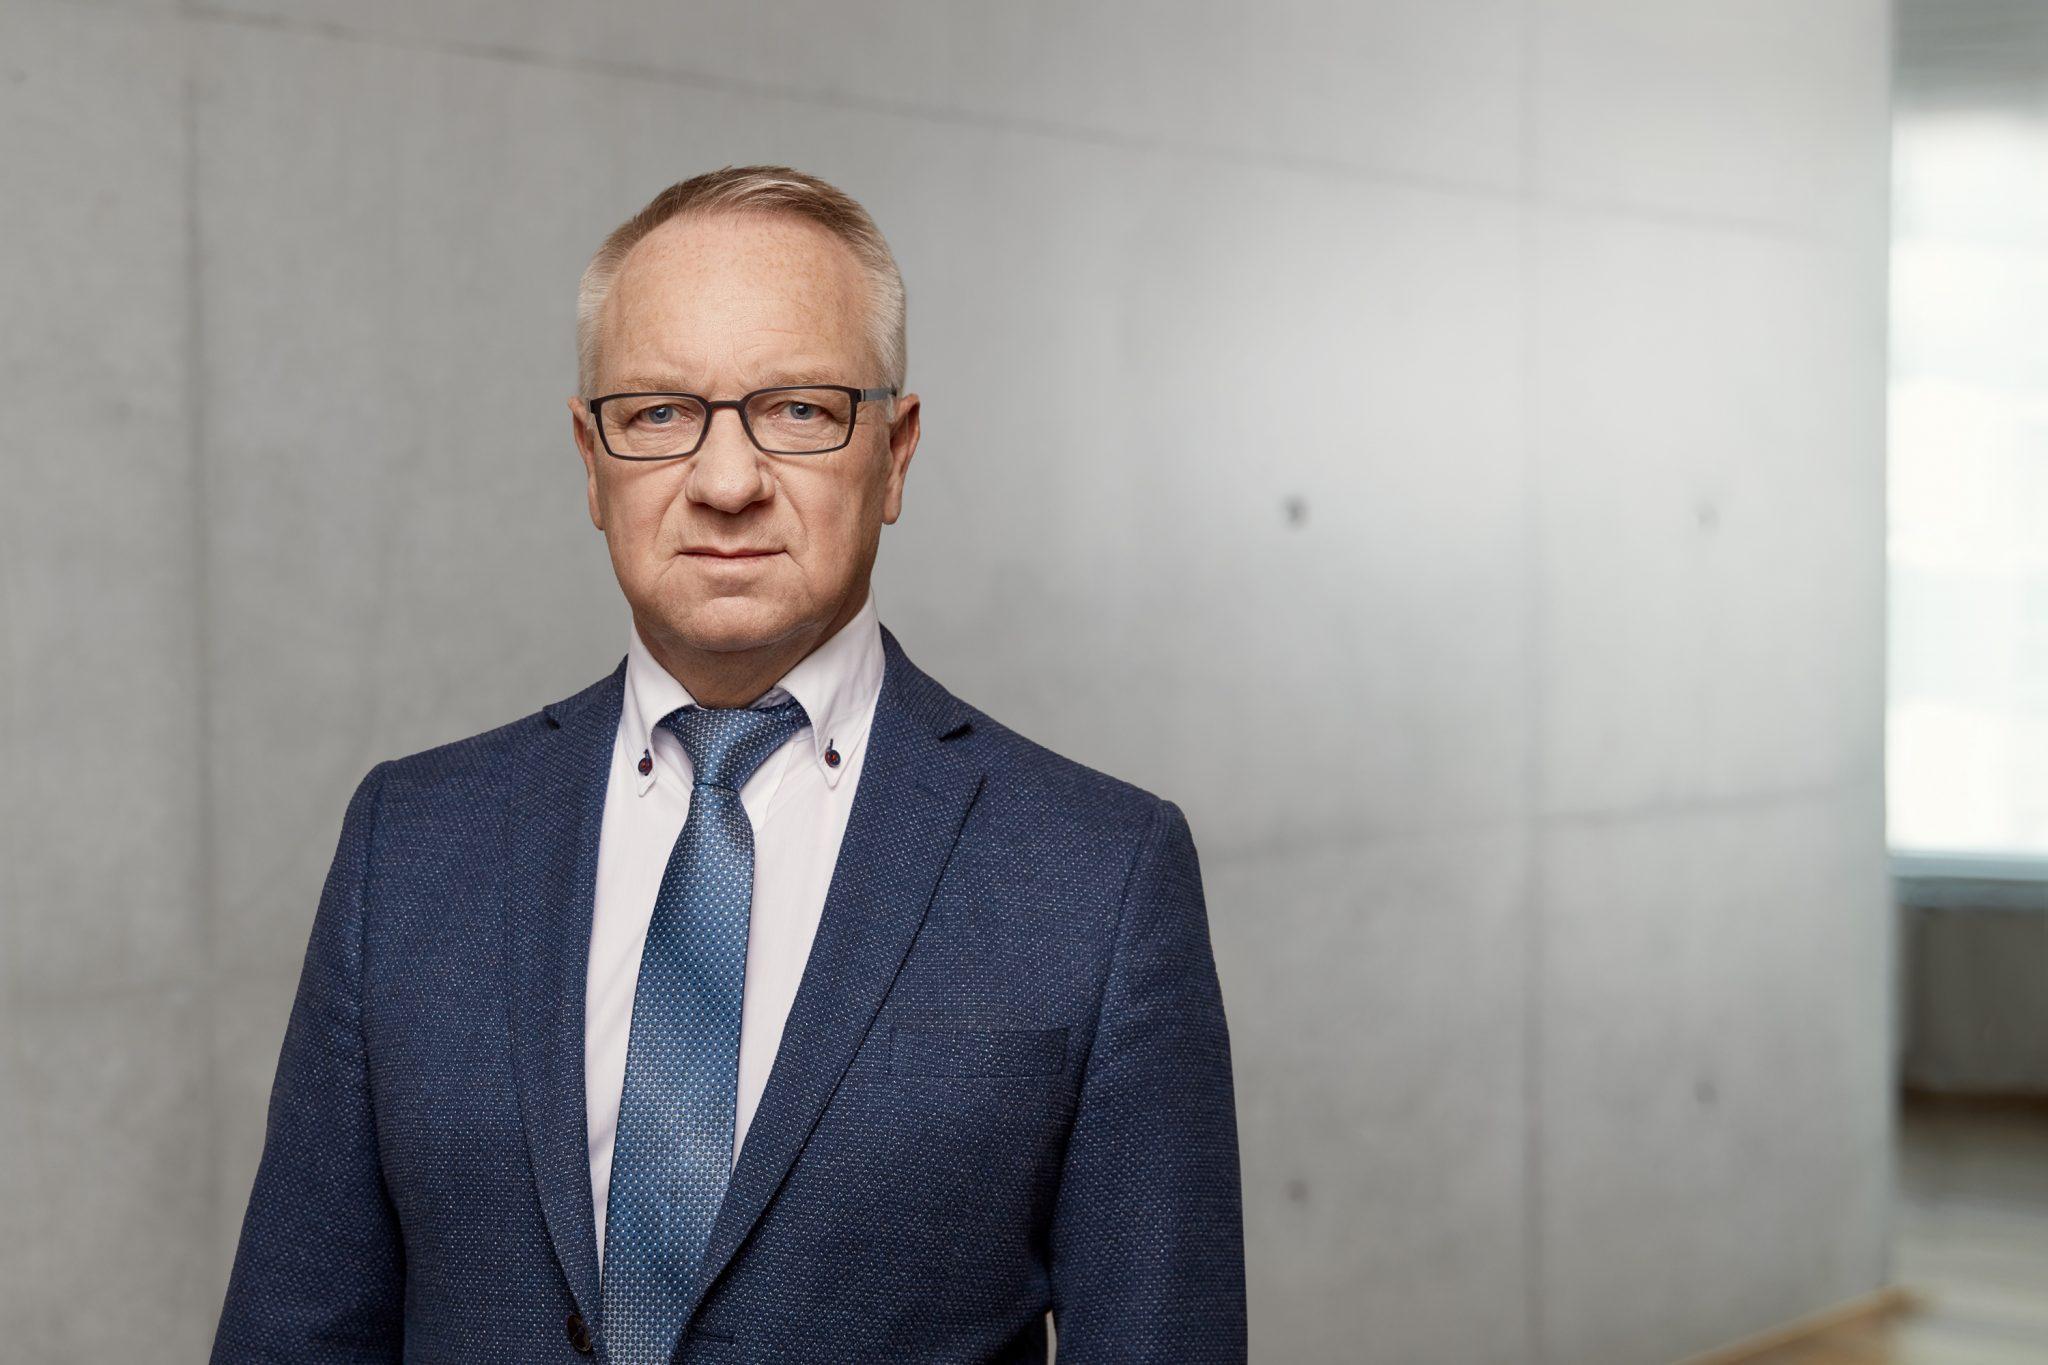 Einar Sveinn Ingólfsson